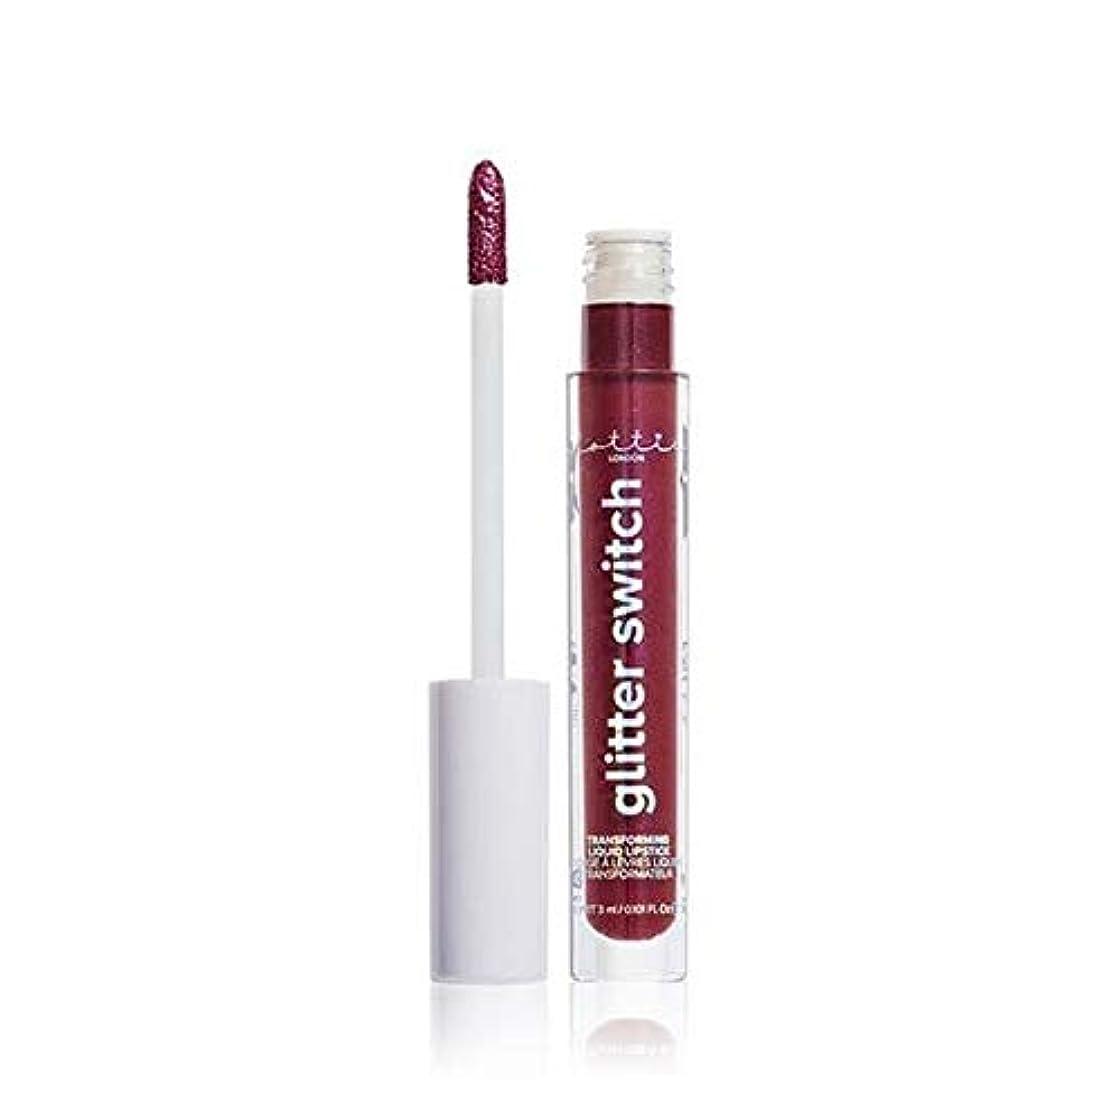 ダニつづり機構[Lottie London] Lottieロンドングリッタースイッチはそれをキリン口紅を変換します - Lottie London Glitter Switch Transform Lipstick Killin It...